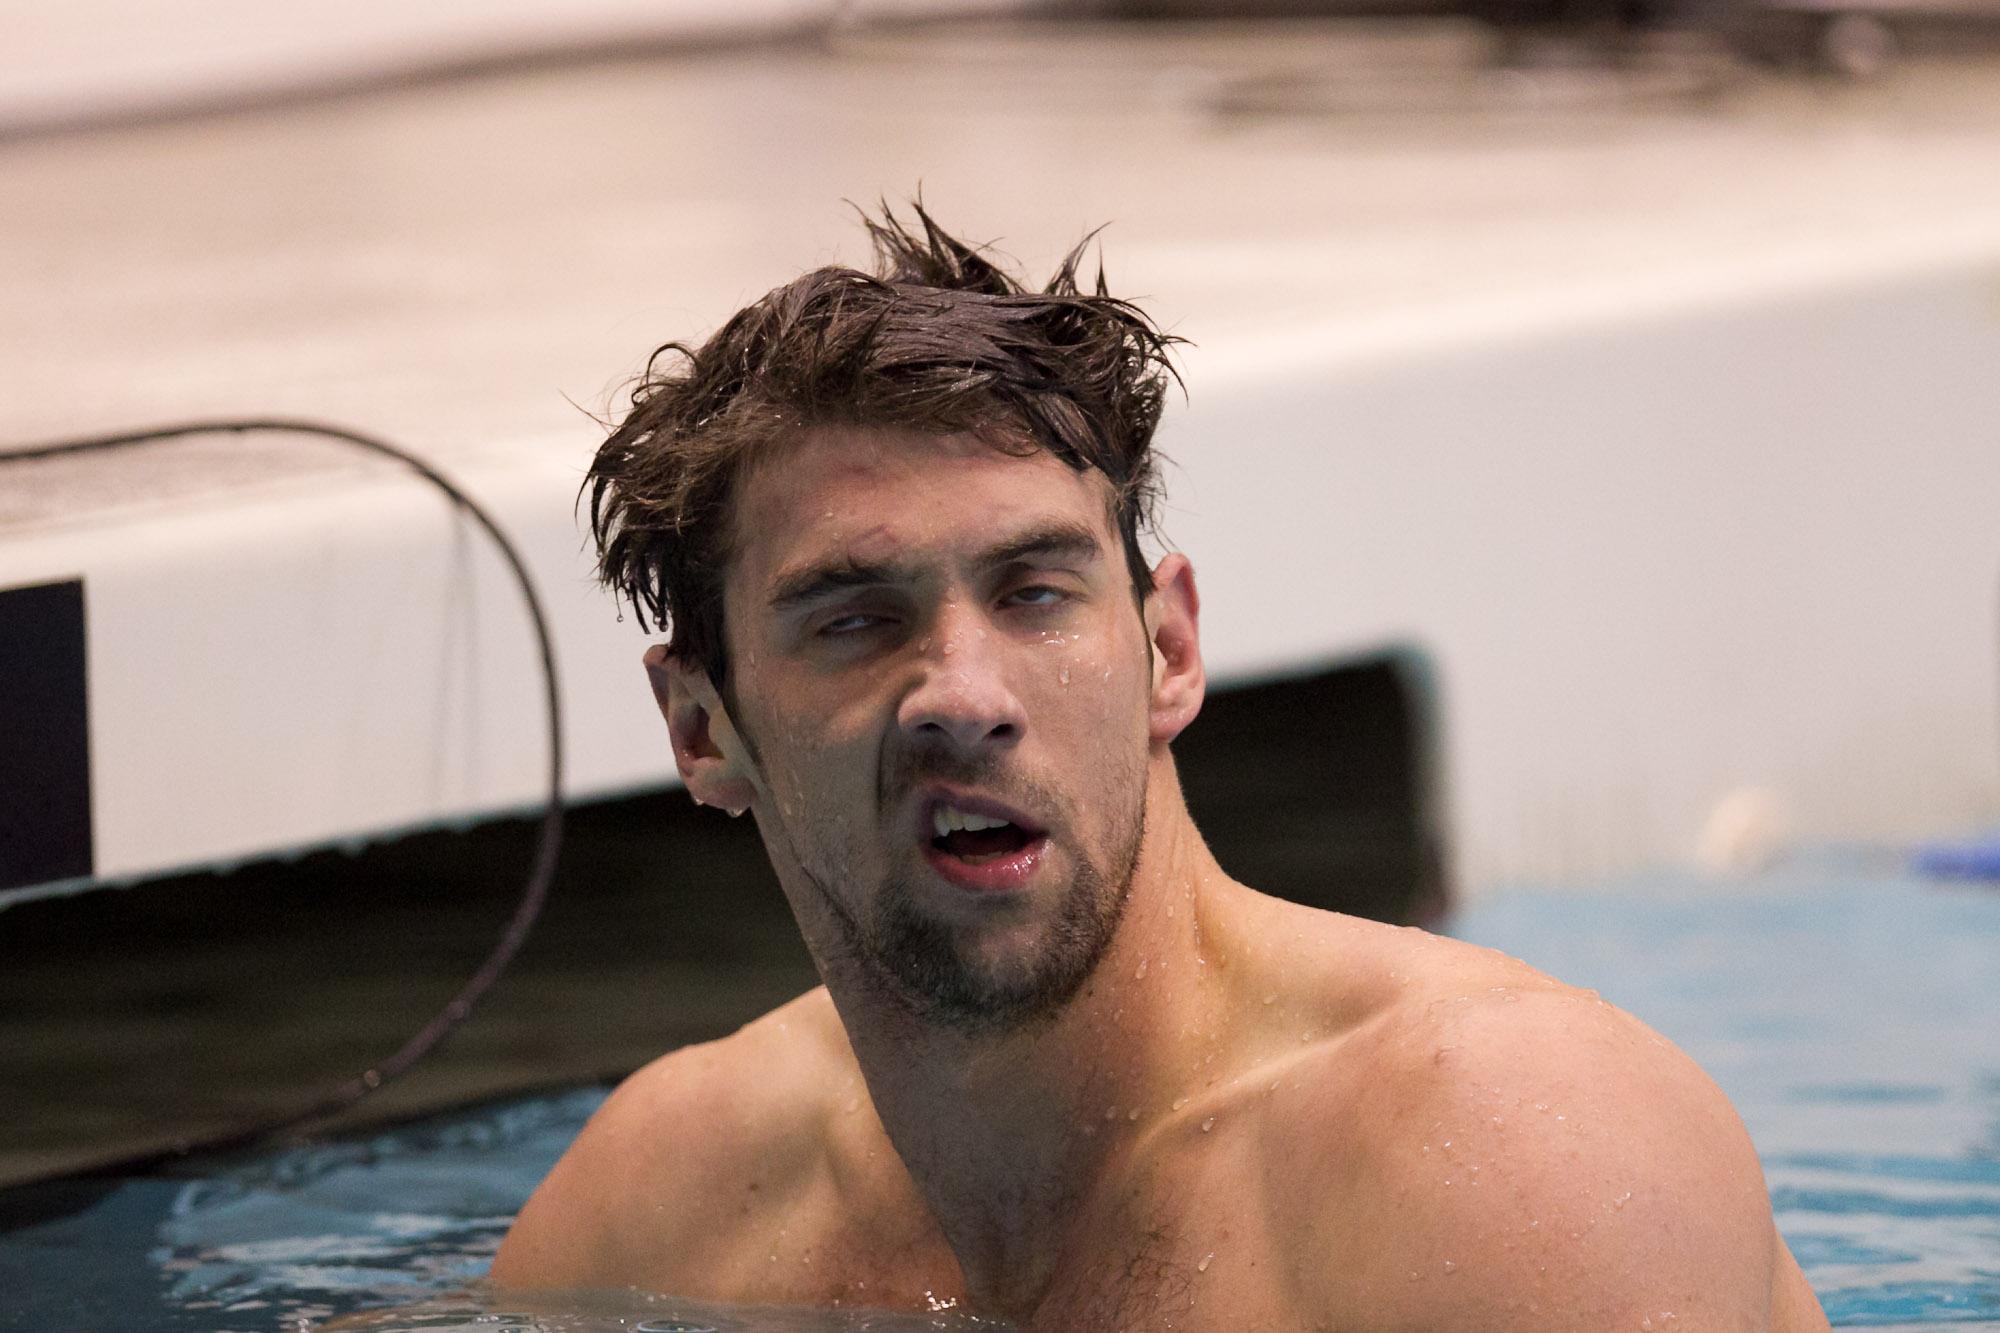 C) Michael Phelps